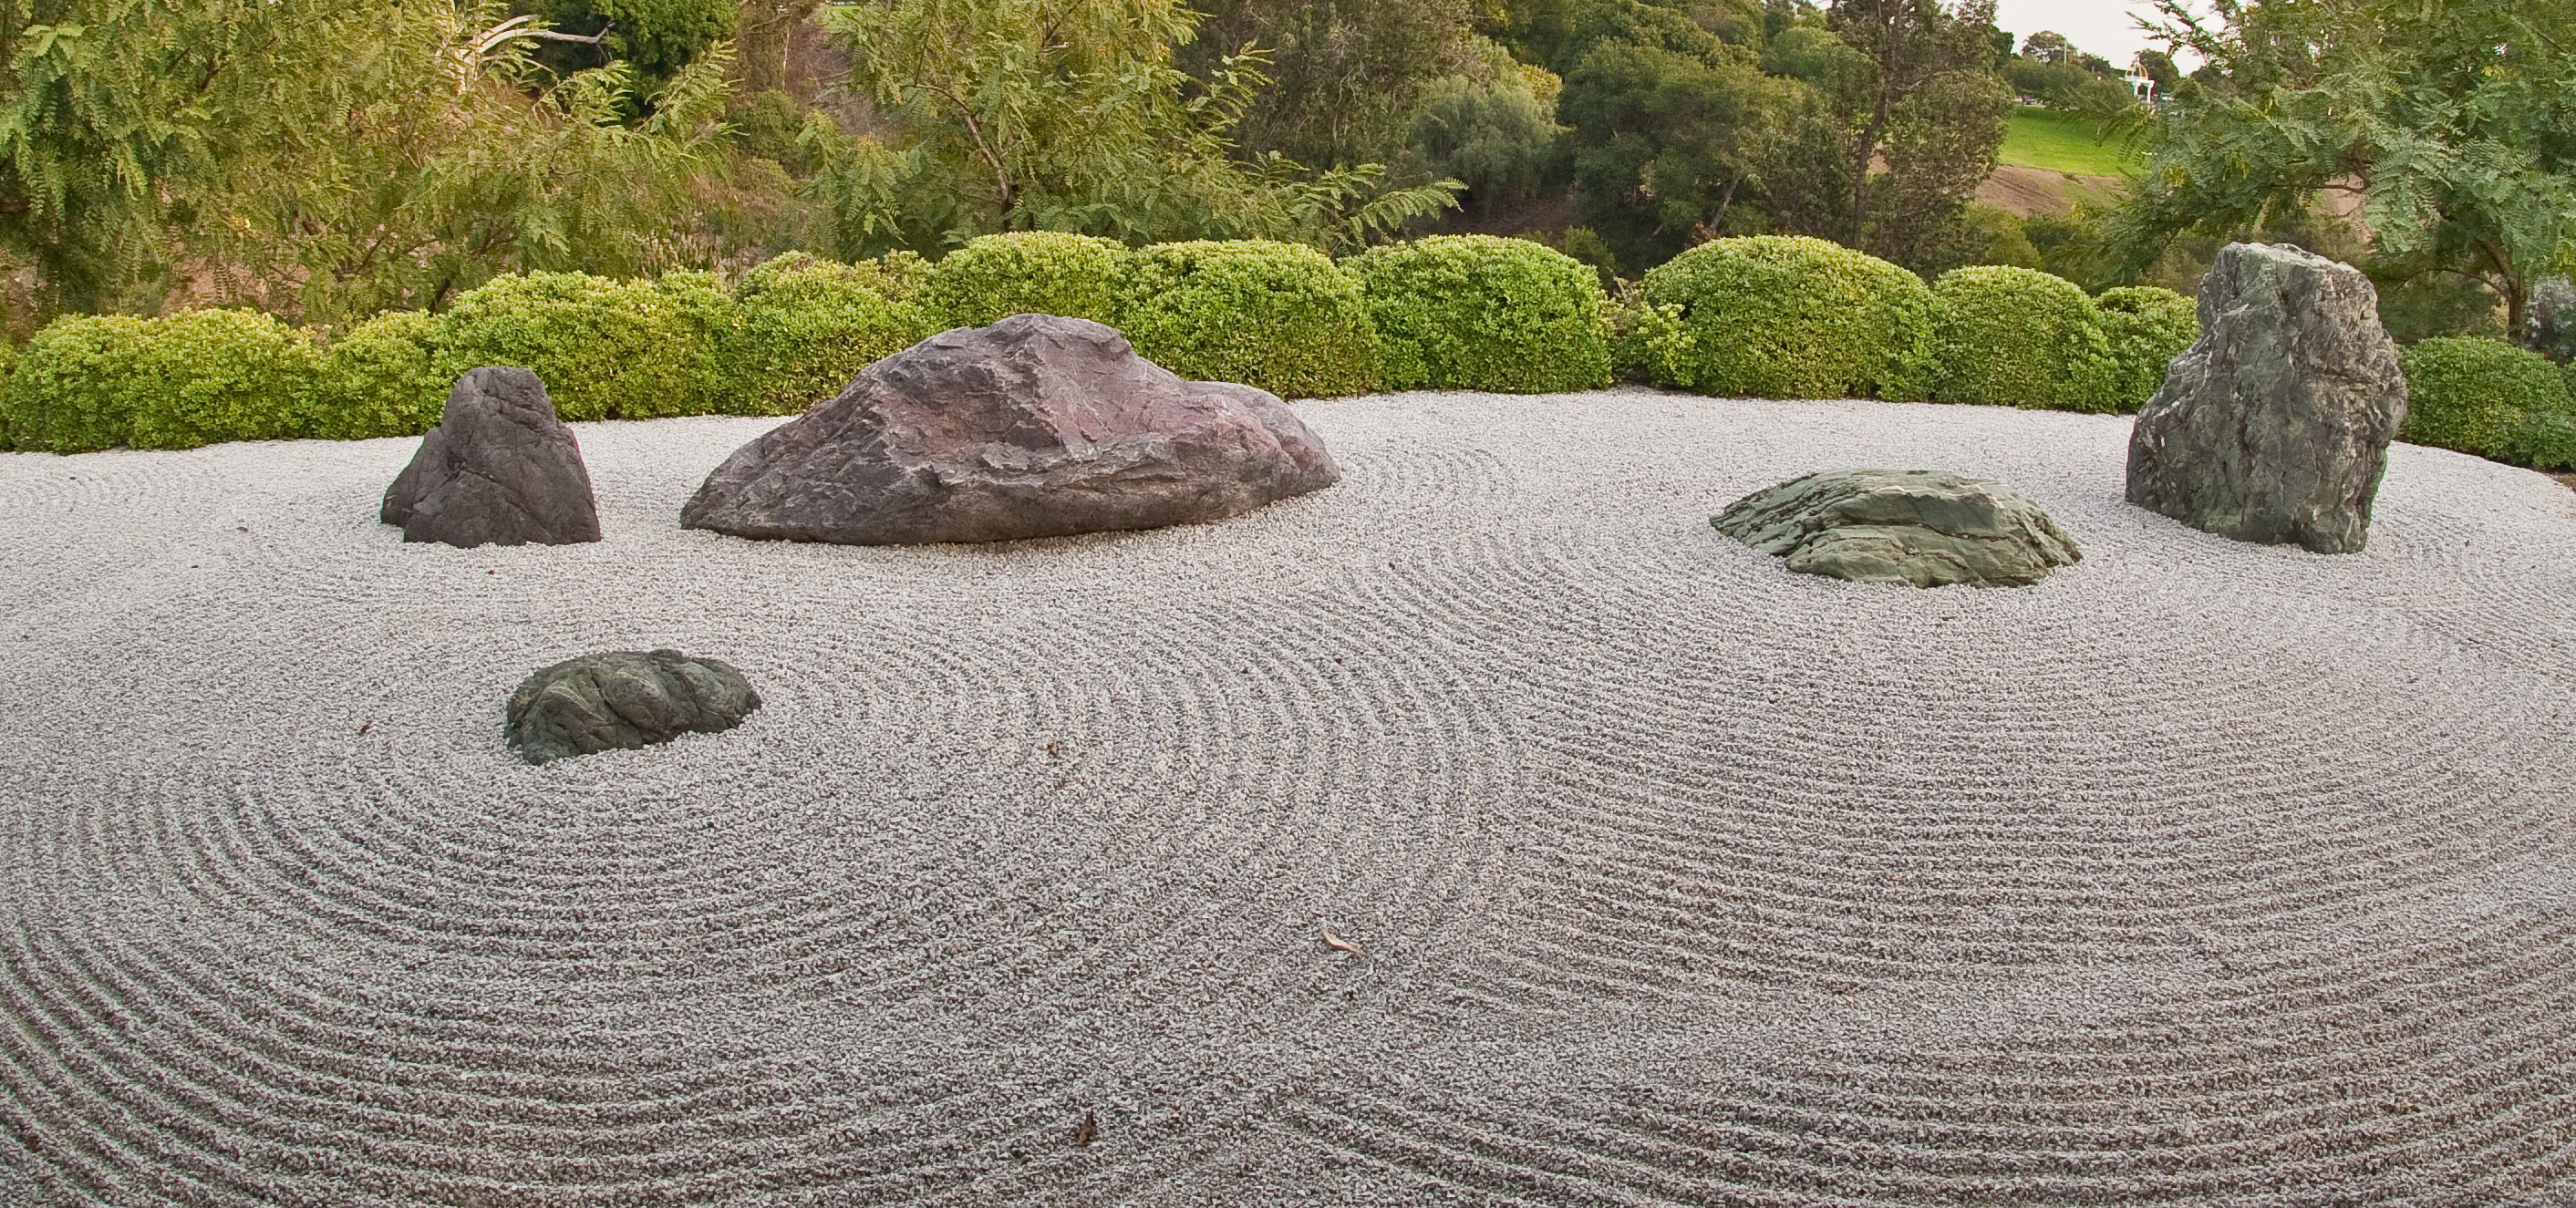 Zen garden in the Japanese Friendship Garden, Balboa Park, San Diego